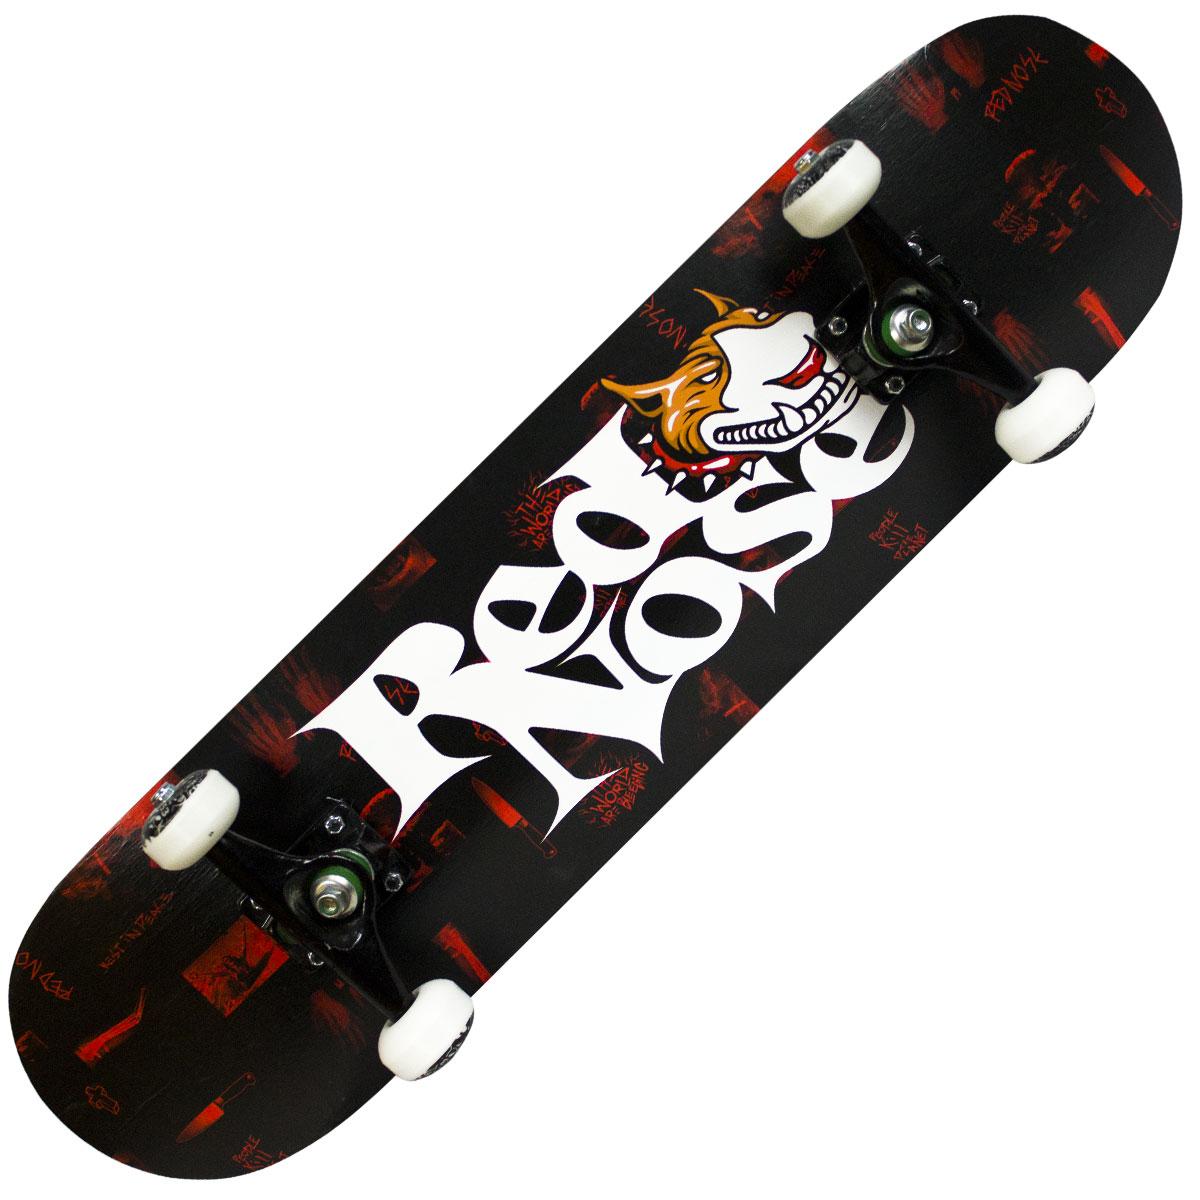 Skate Iniciante Completo Montado Red Nose